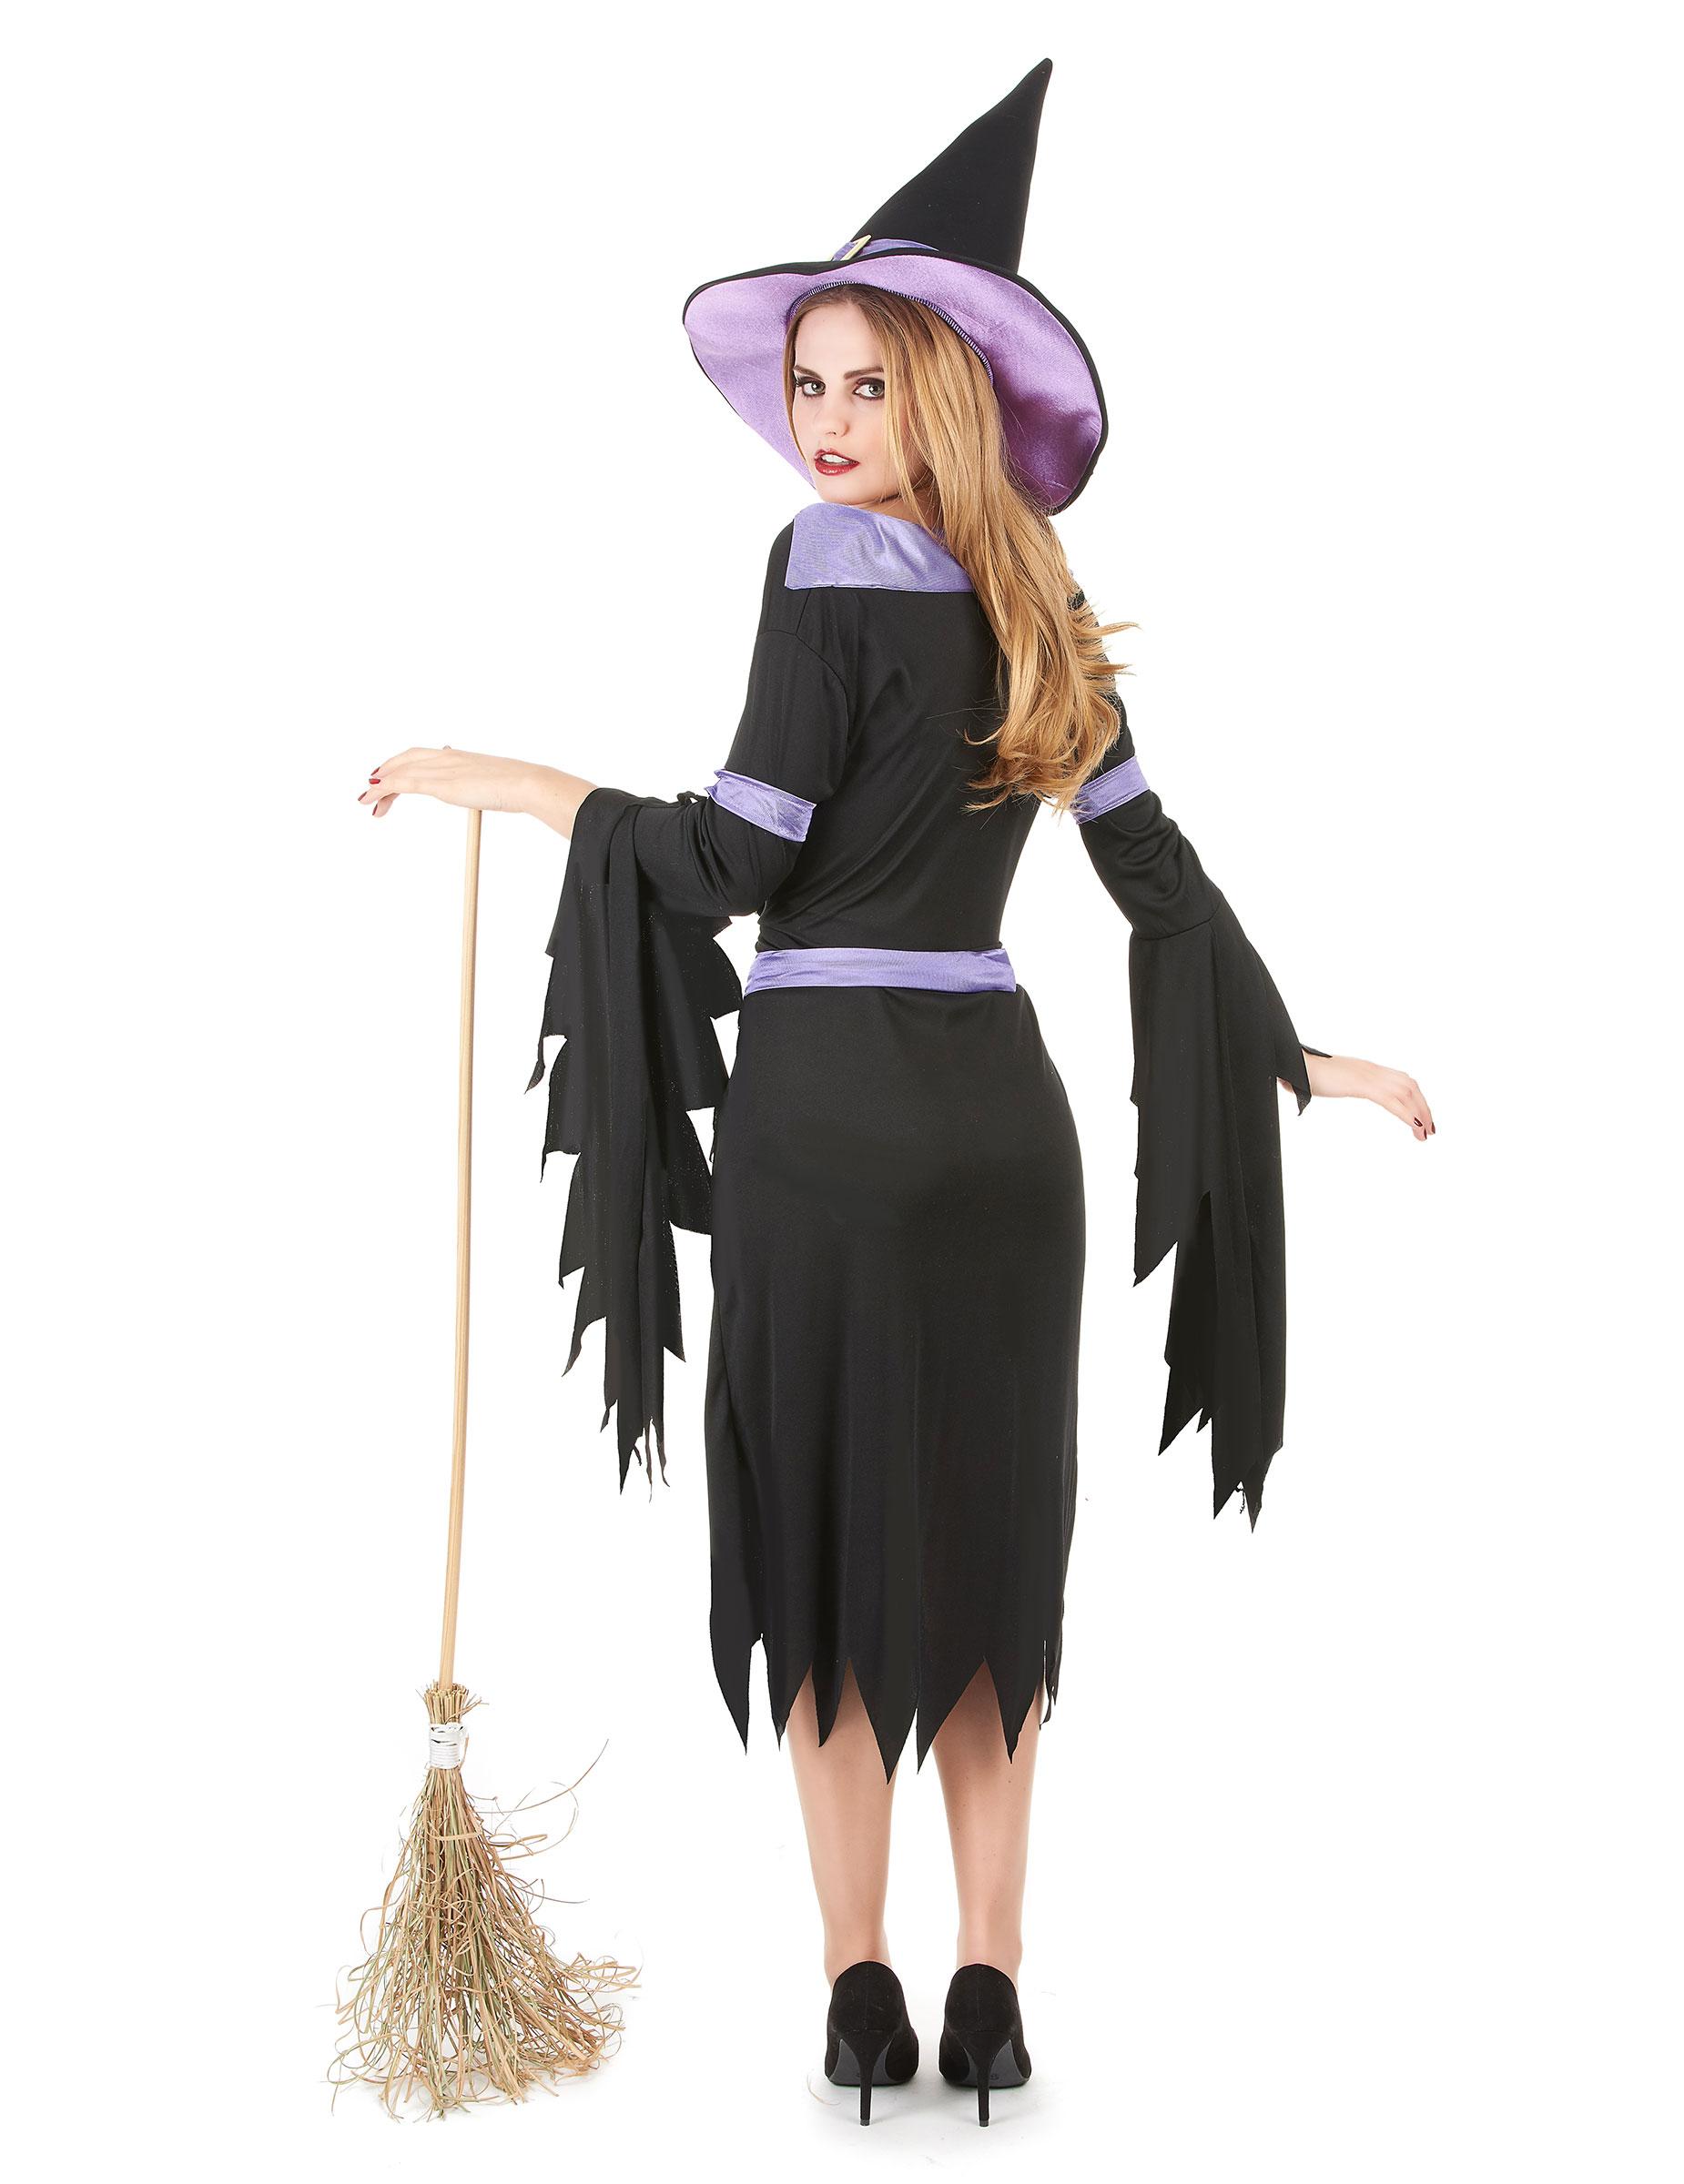 d guisement sorci re femme halloween achat de d guisements adultes sur vegaoopro grossiste en. Black Bedroom Furniture Sets. Home Design Ideas